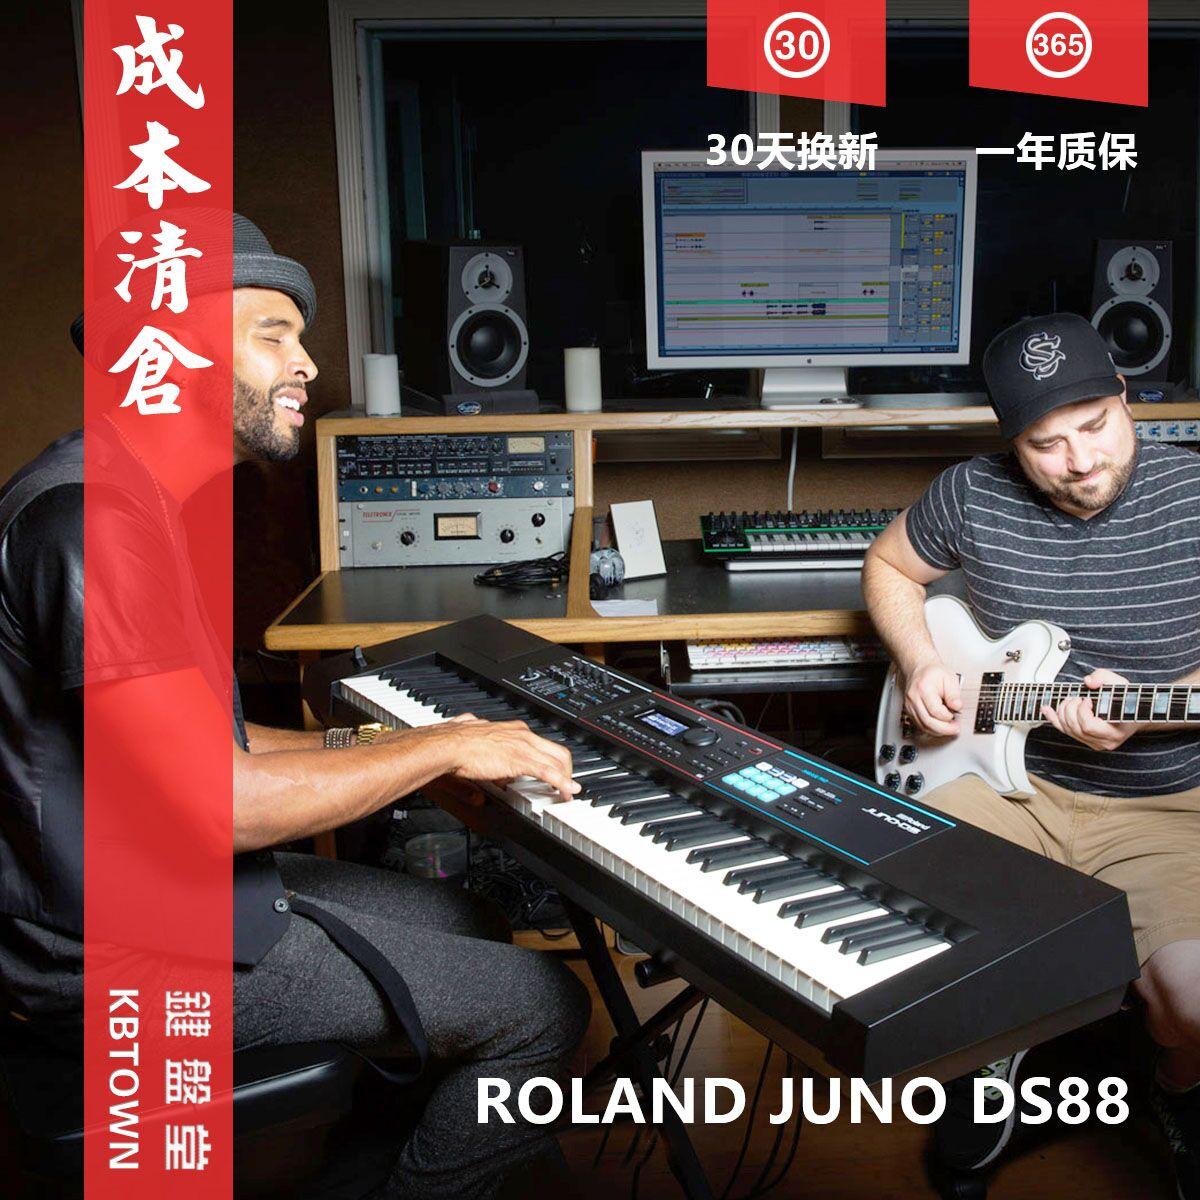 【 клавиатура зал 】 отдавать гусли полка педаль роланд ROLAND JUNO DS88 синтез устройство работа станция DS-88